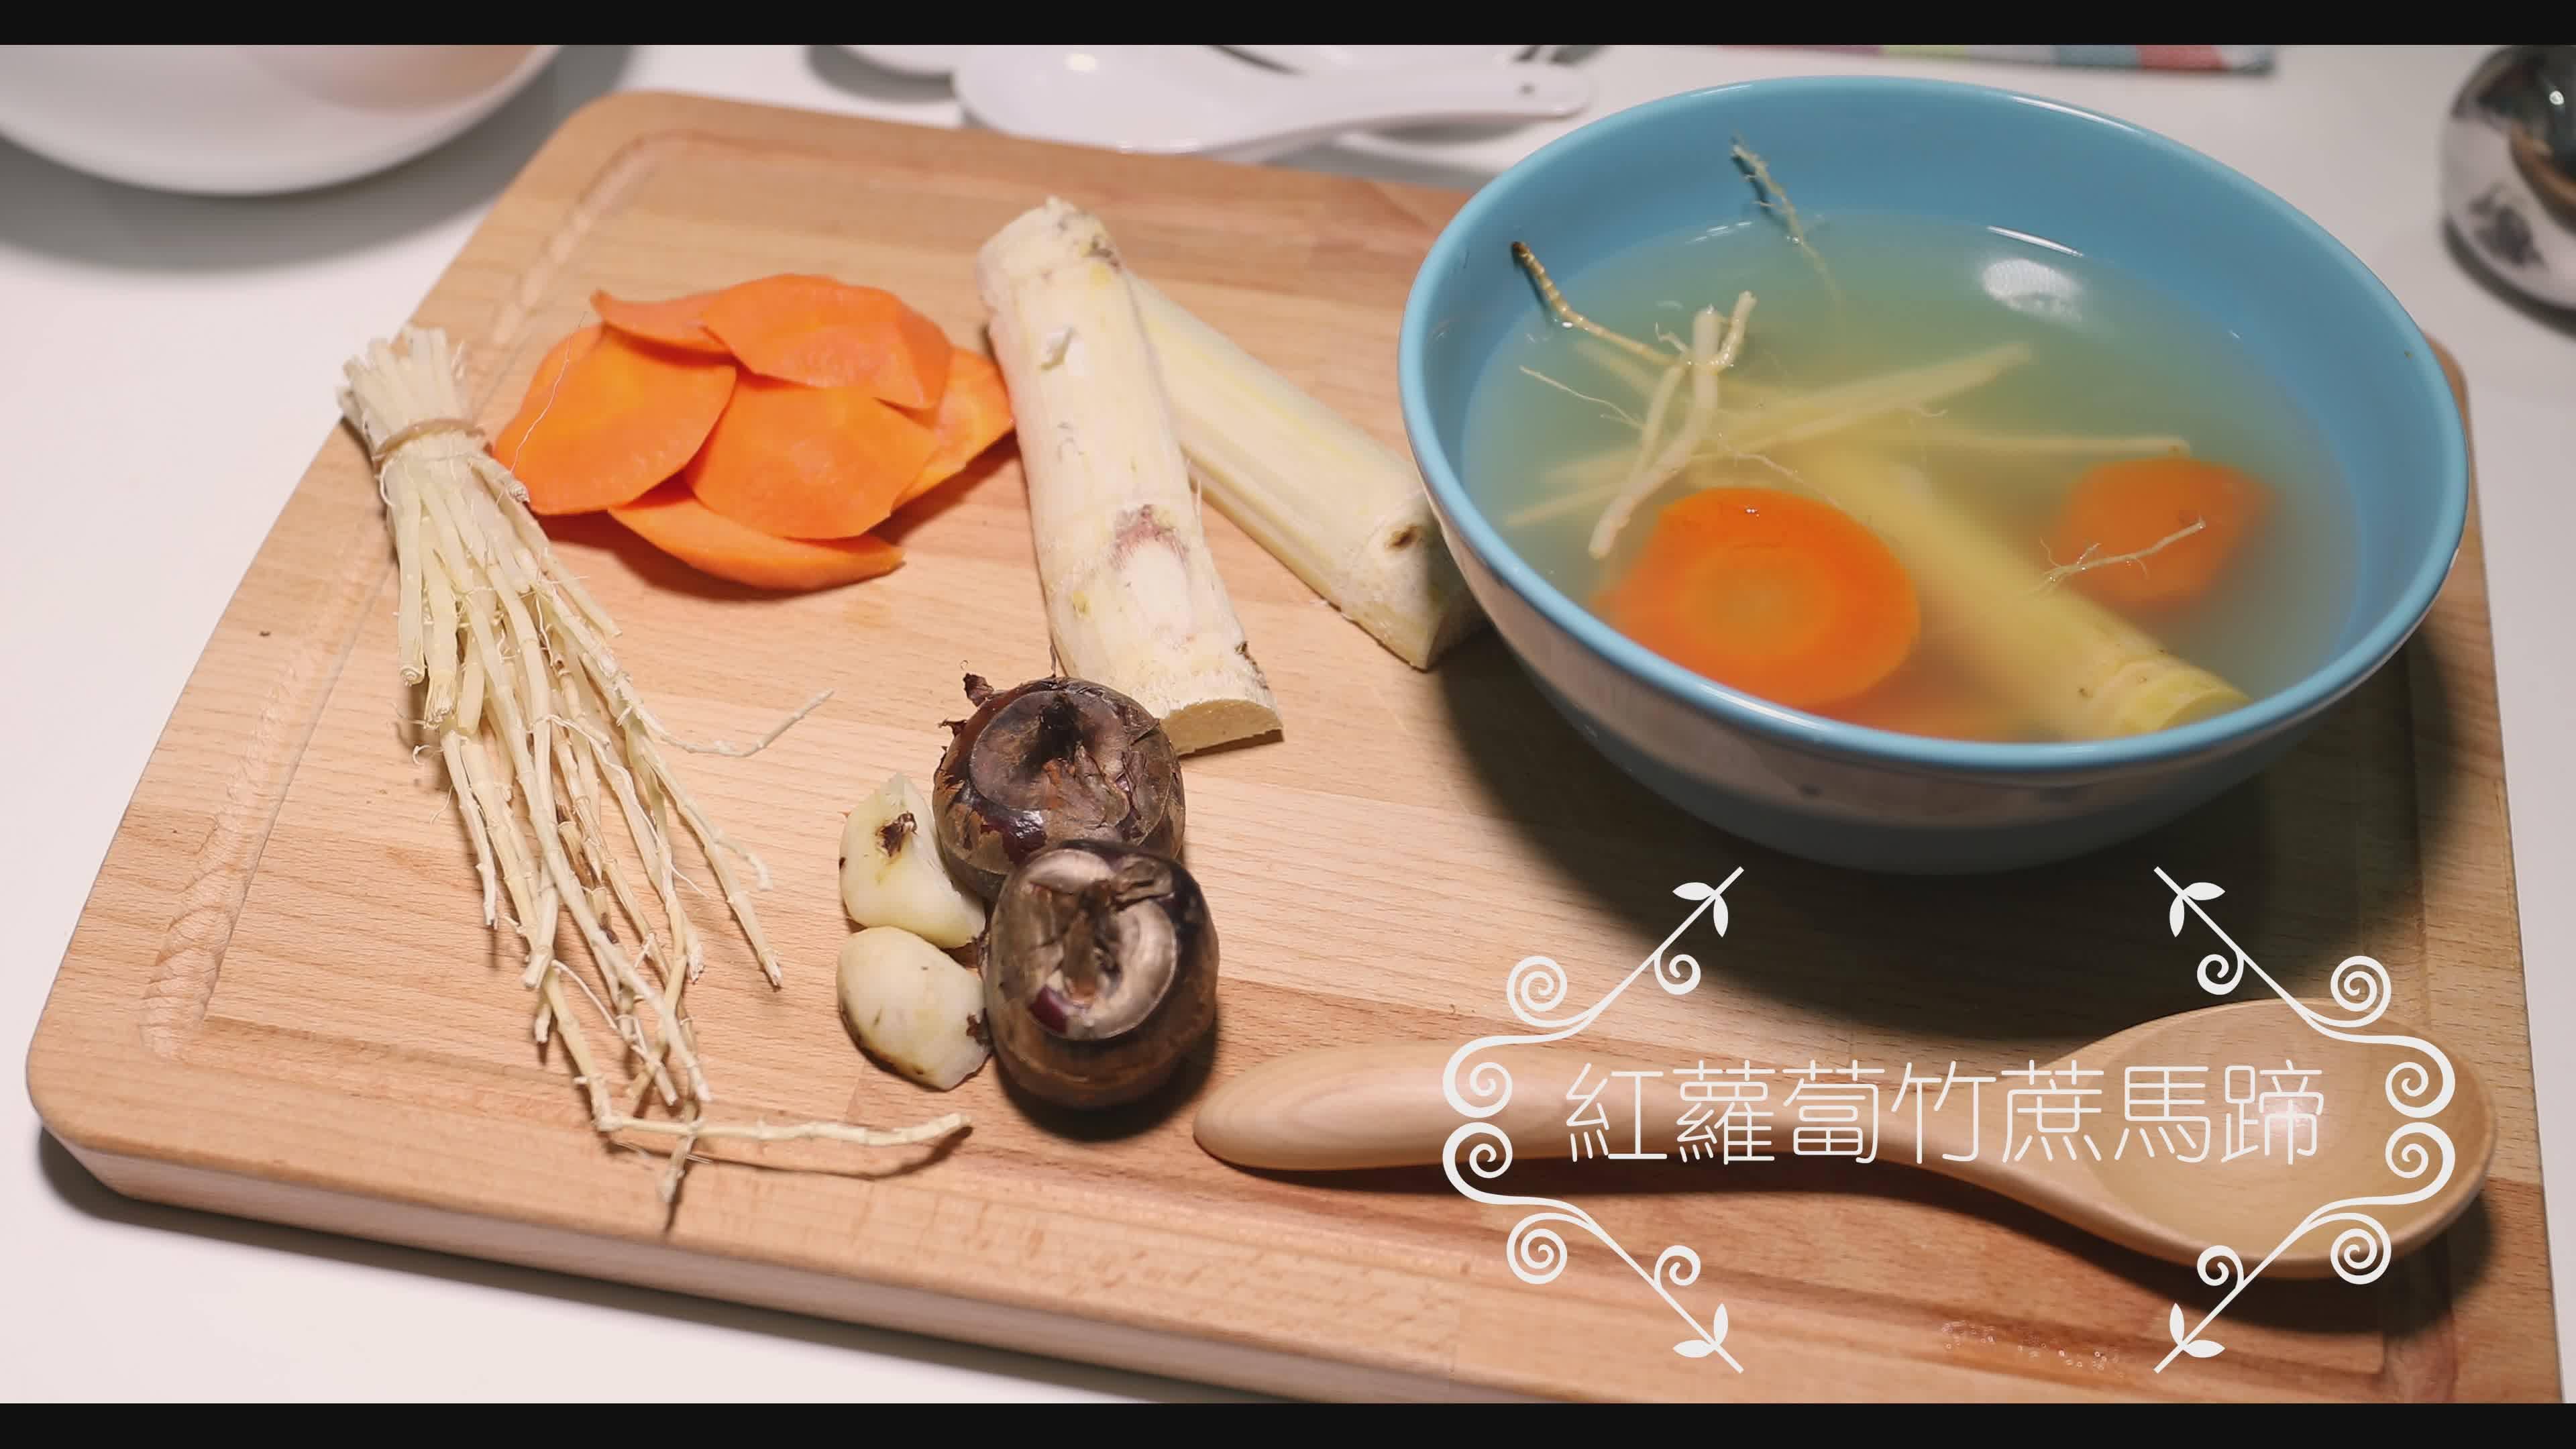 紅蘿蔔竹蔗馬蹄湯